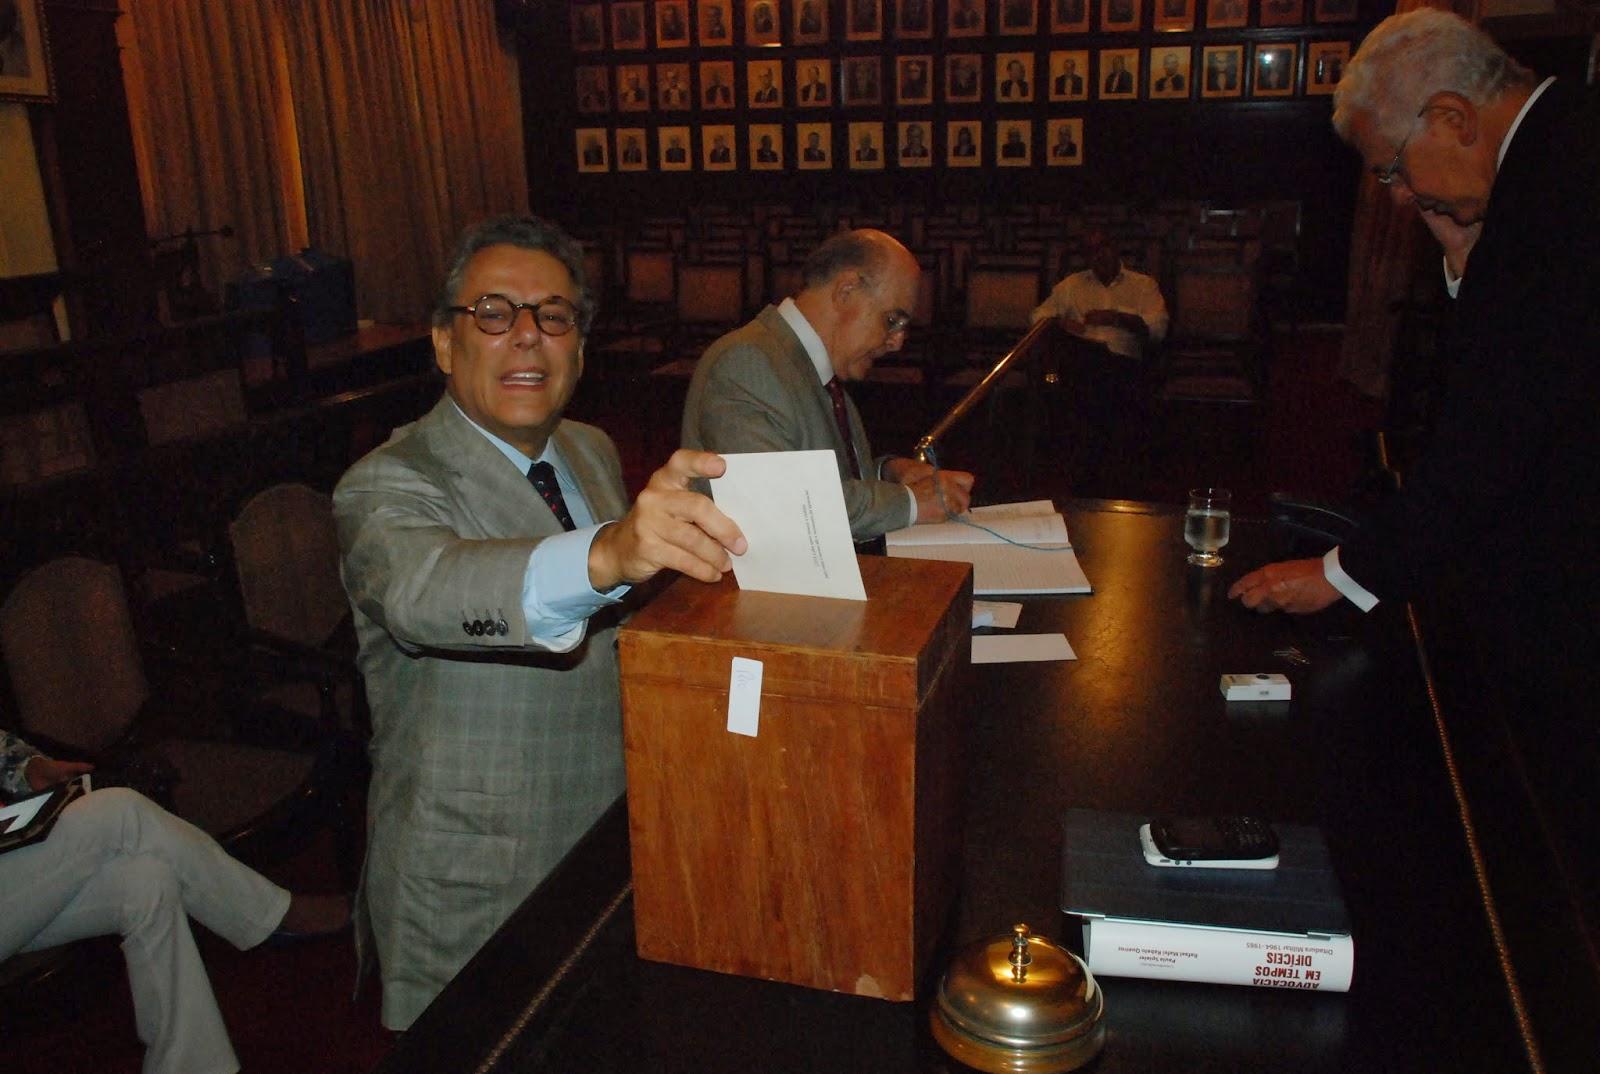 Veja imagens da votação para nova Diretoria do IAB, em eleição que aconteceu na tarde desta quarta, dia 26.